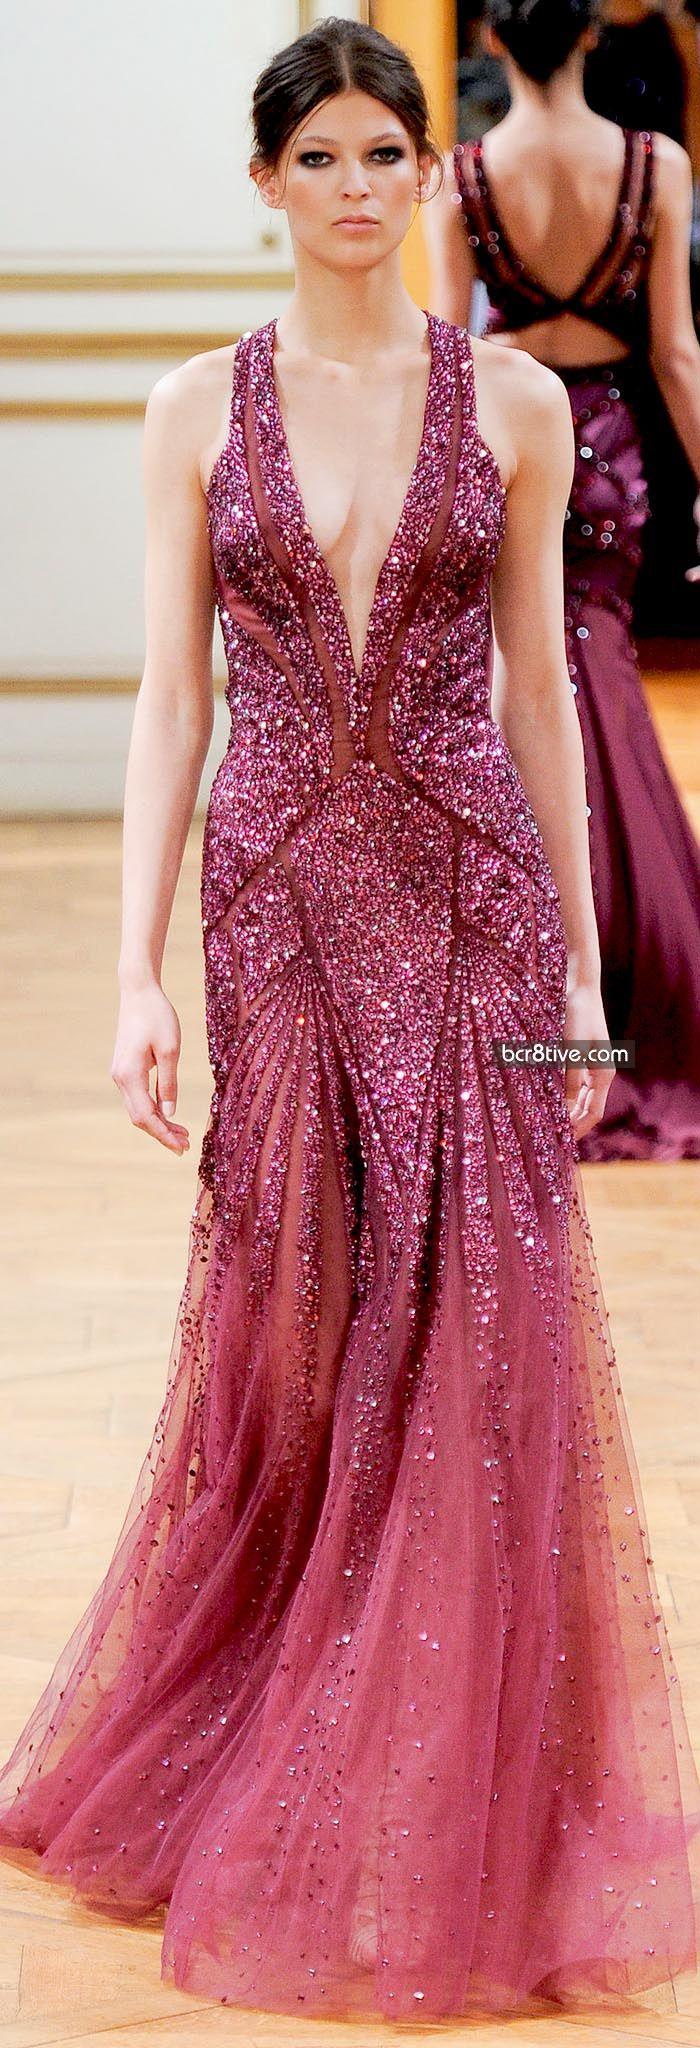 Hermosa Vestido De Zuhair Murad Baile De Graduación Modelo ...